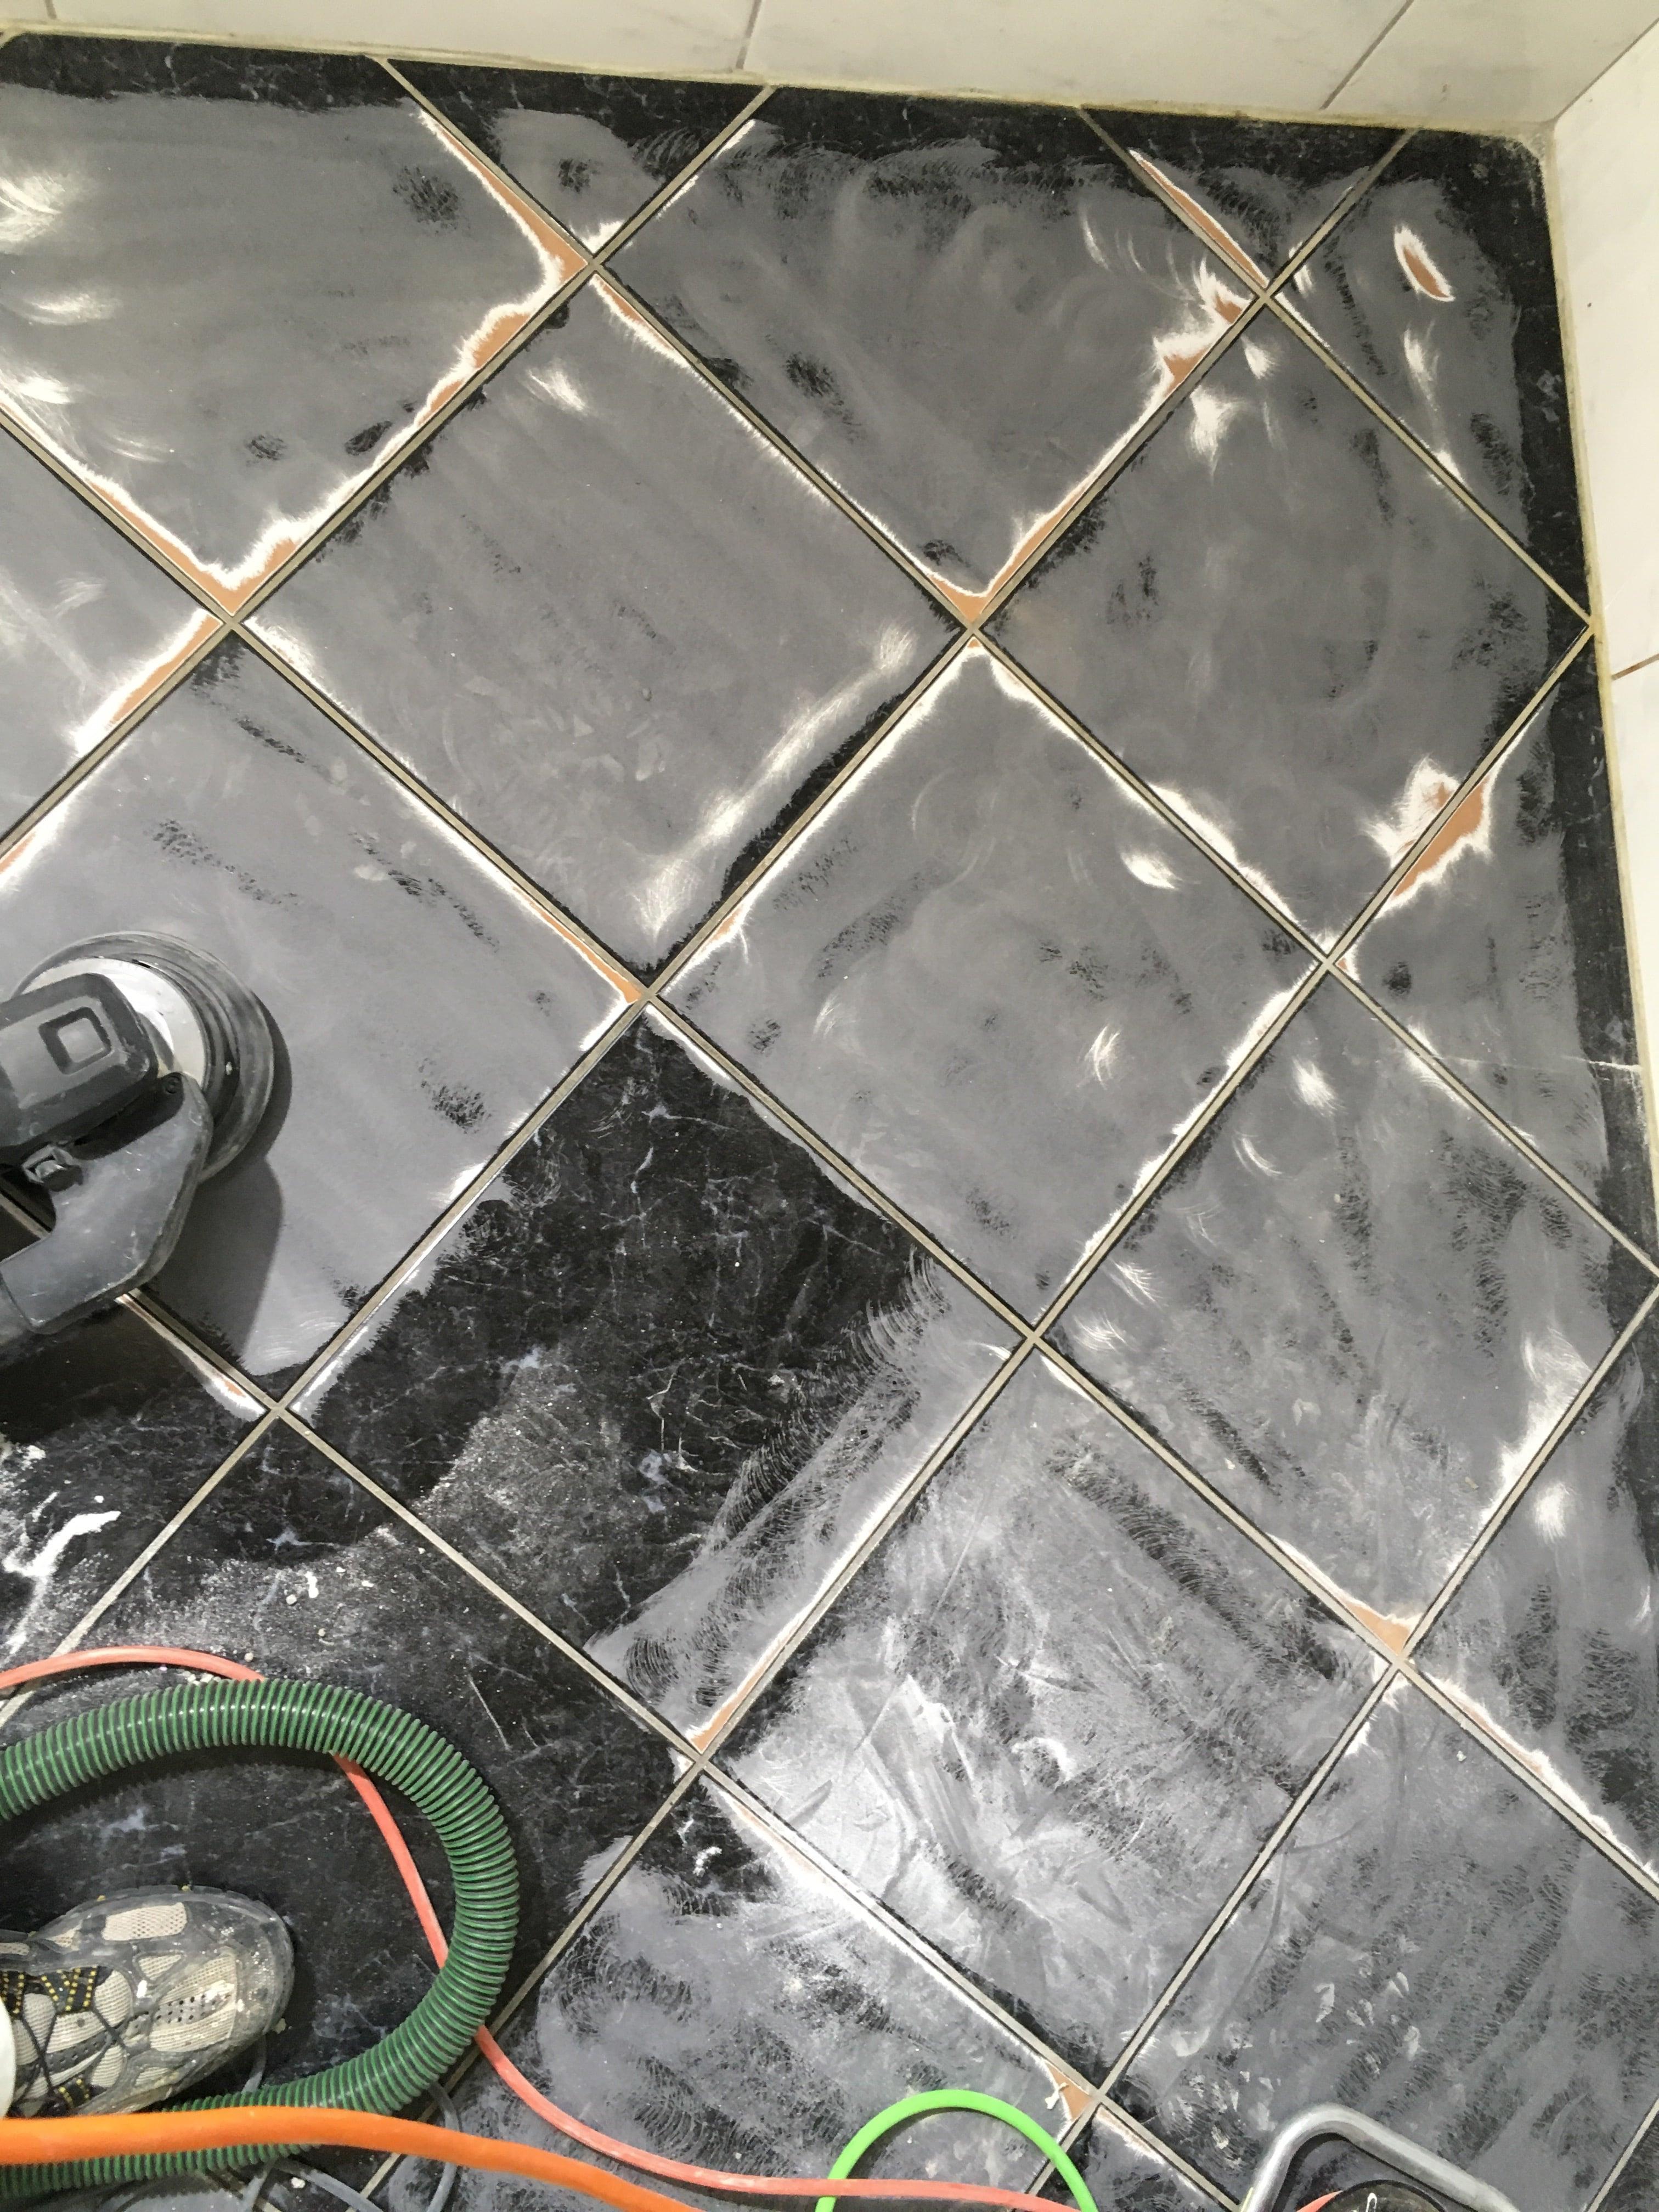 Fliesen schleifen finest cool betonboden kosten betonboden gute inspiration fliesen schleifen - Fliesen kanten schleifen ...